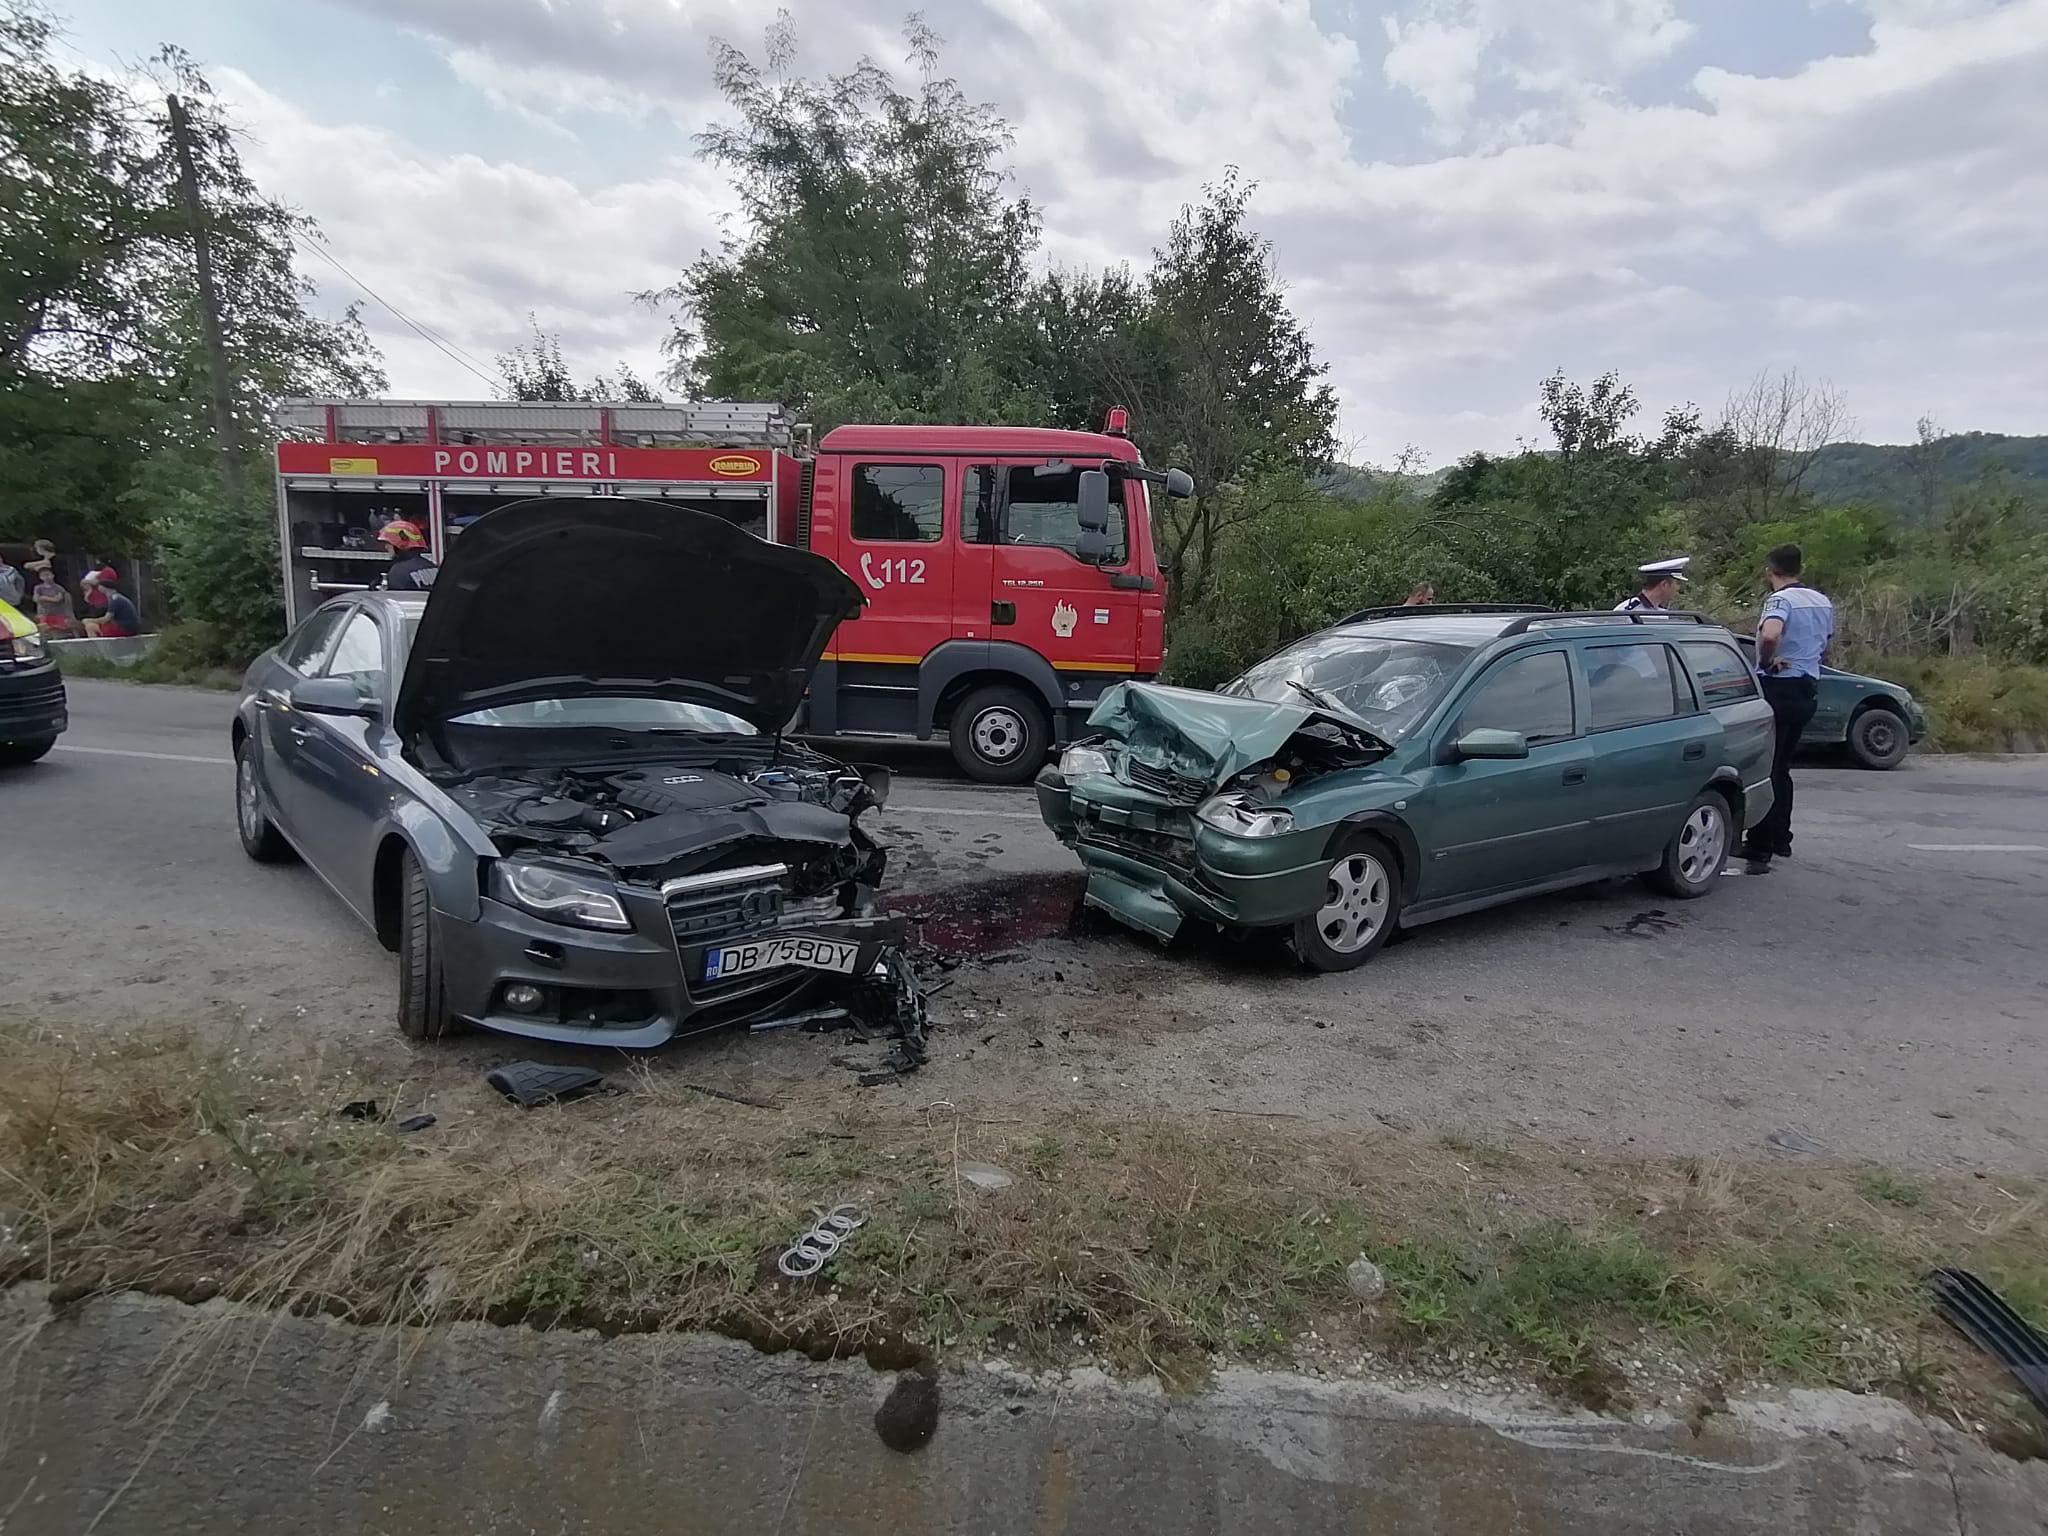 Trei oameni au fost raniti intr-un accident rutier, la Iedera